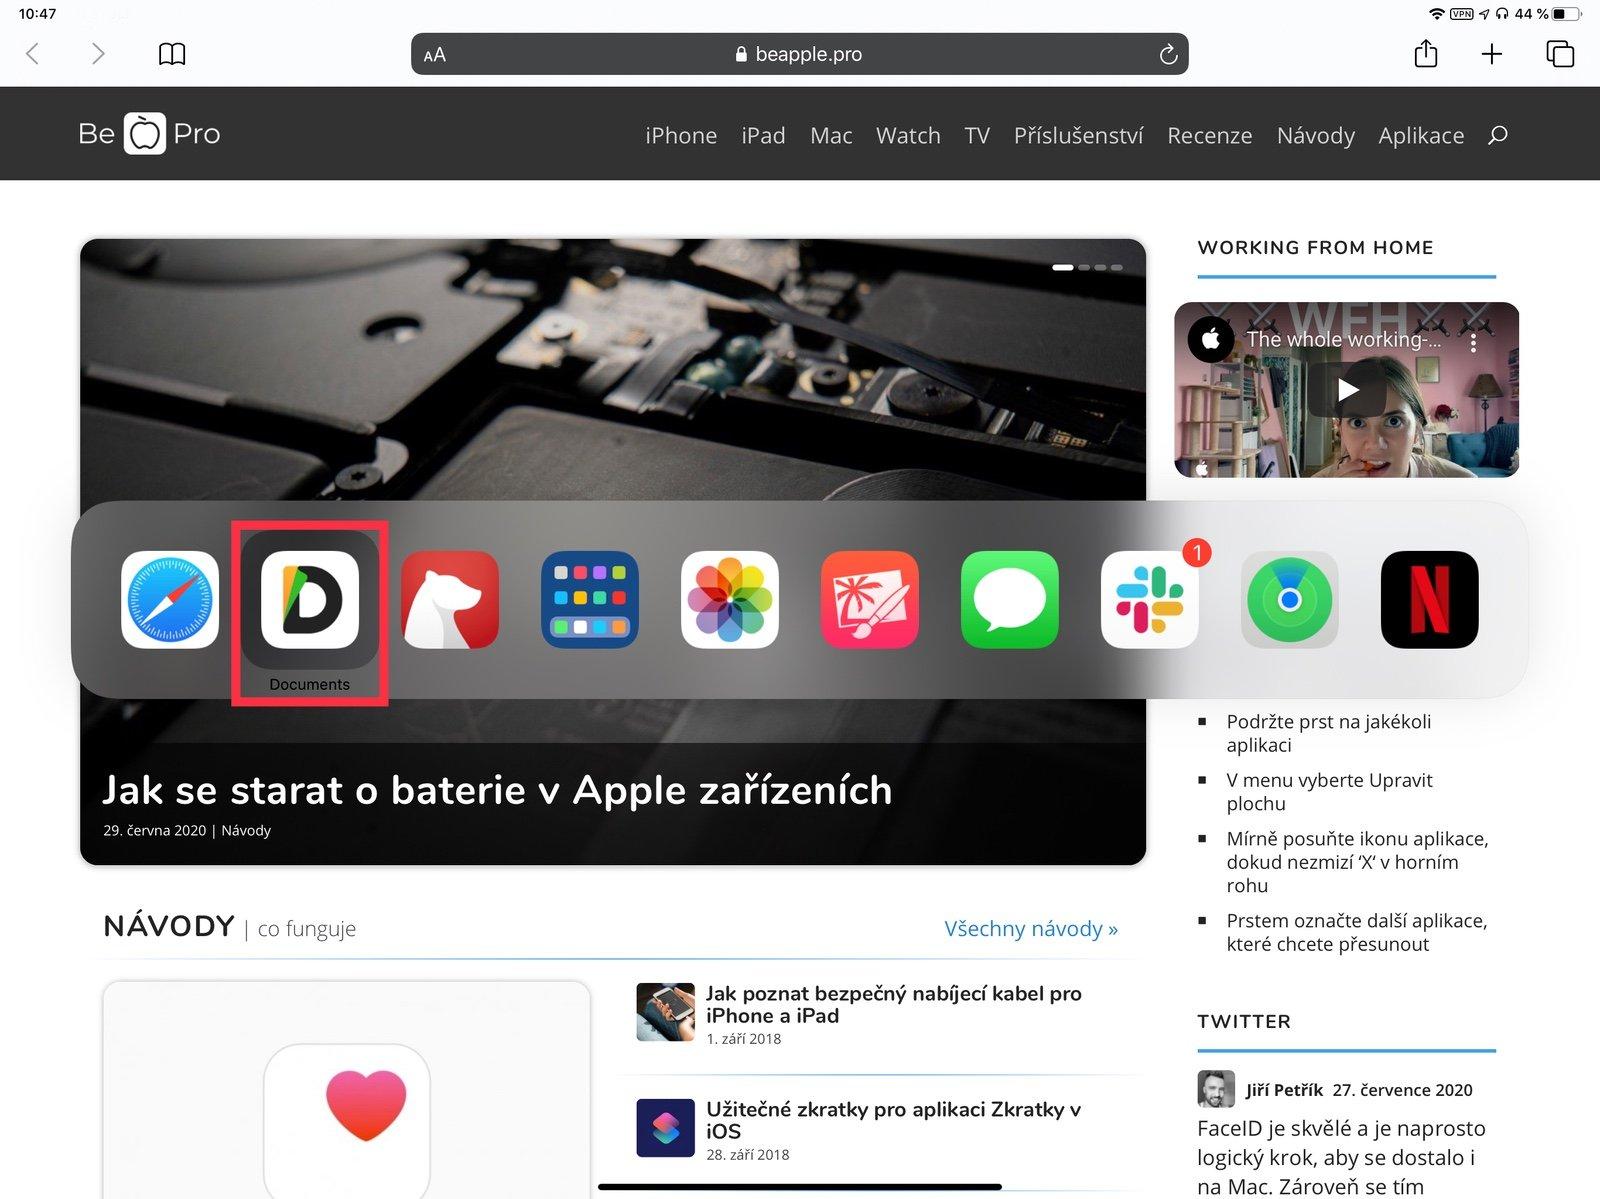 Zavírání aplikací na iPadu